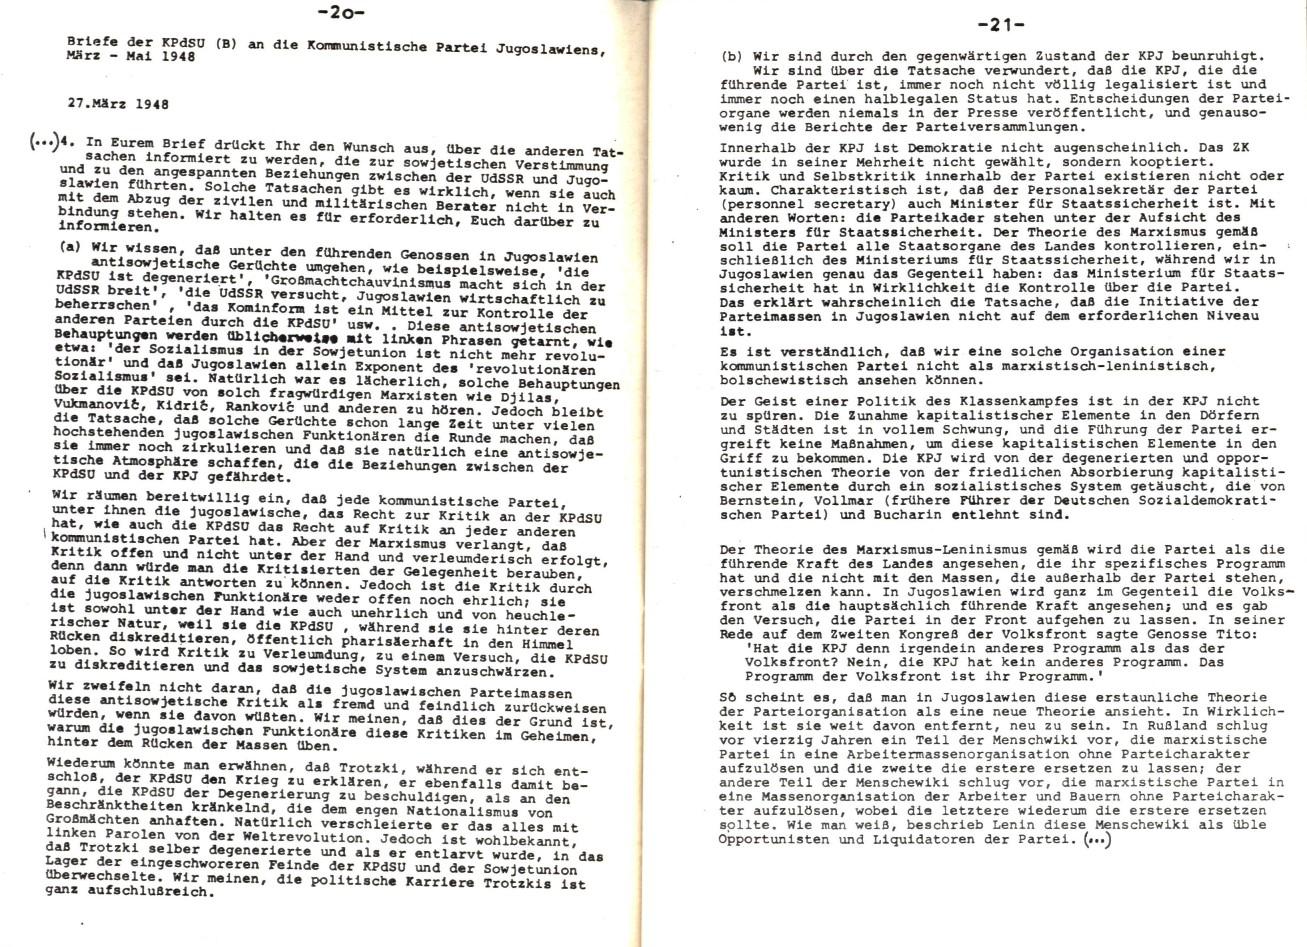 MLSK_Theorie_und_Praxis_des_ML_1979_24_12